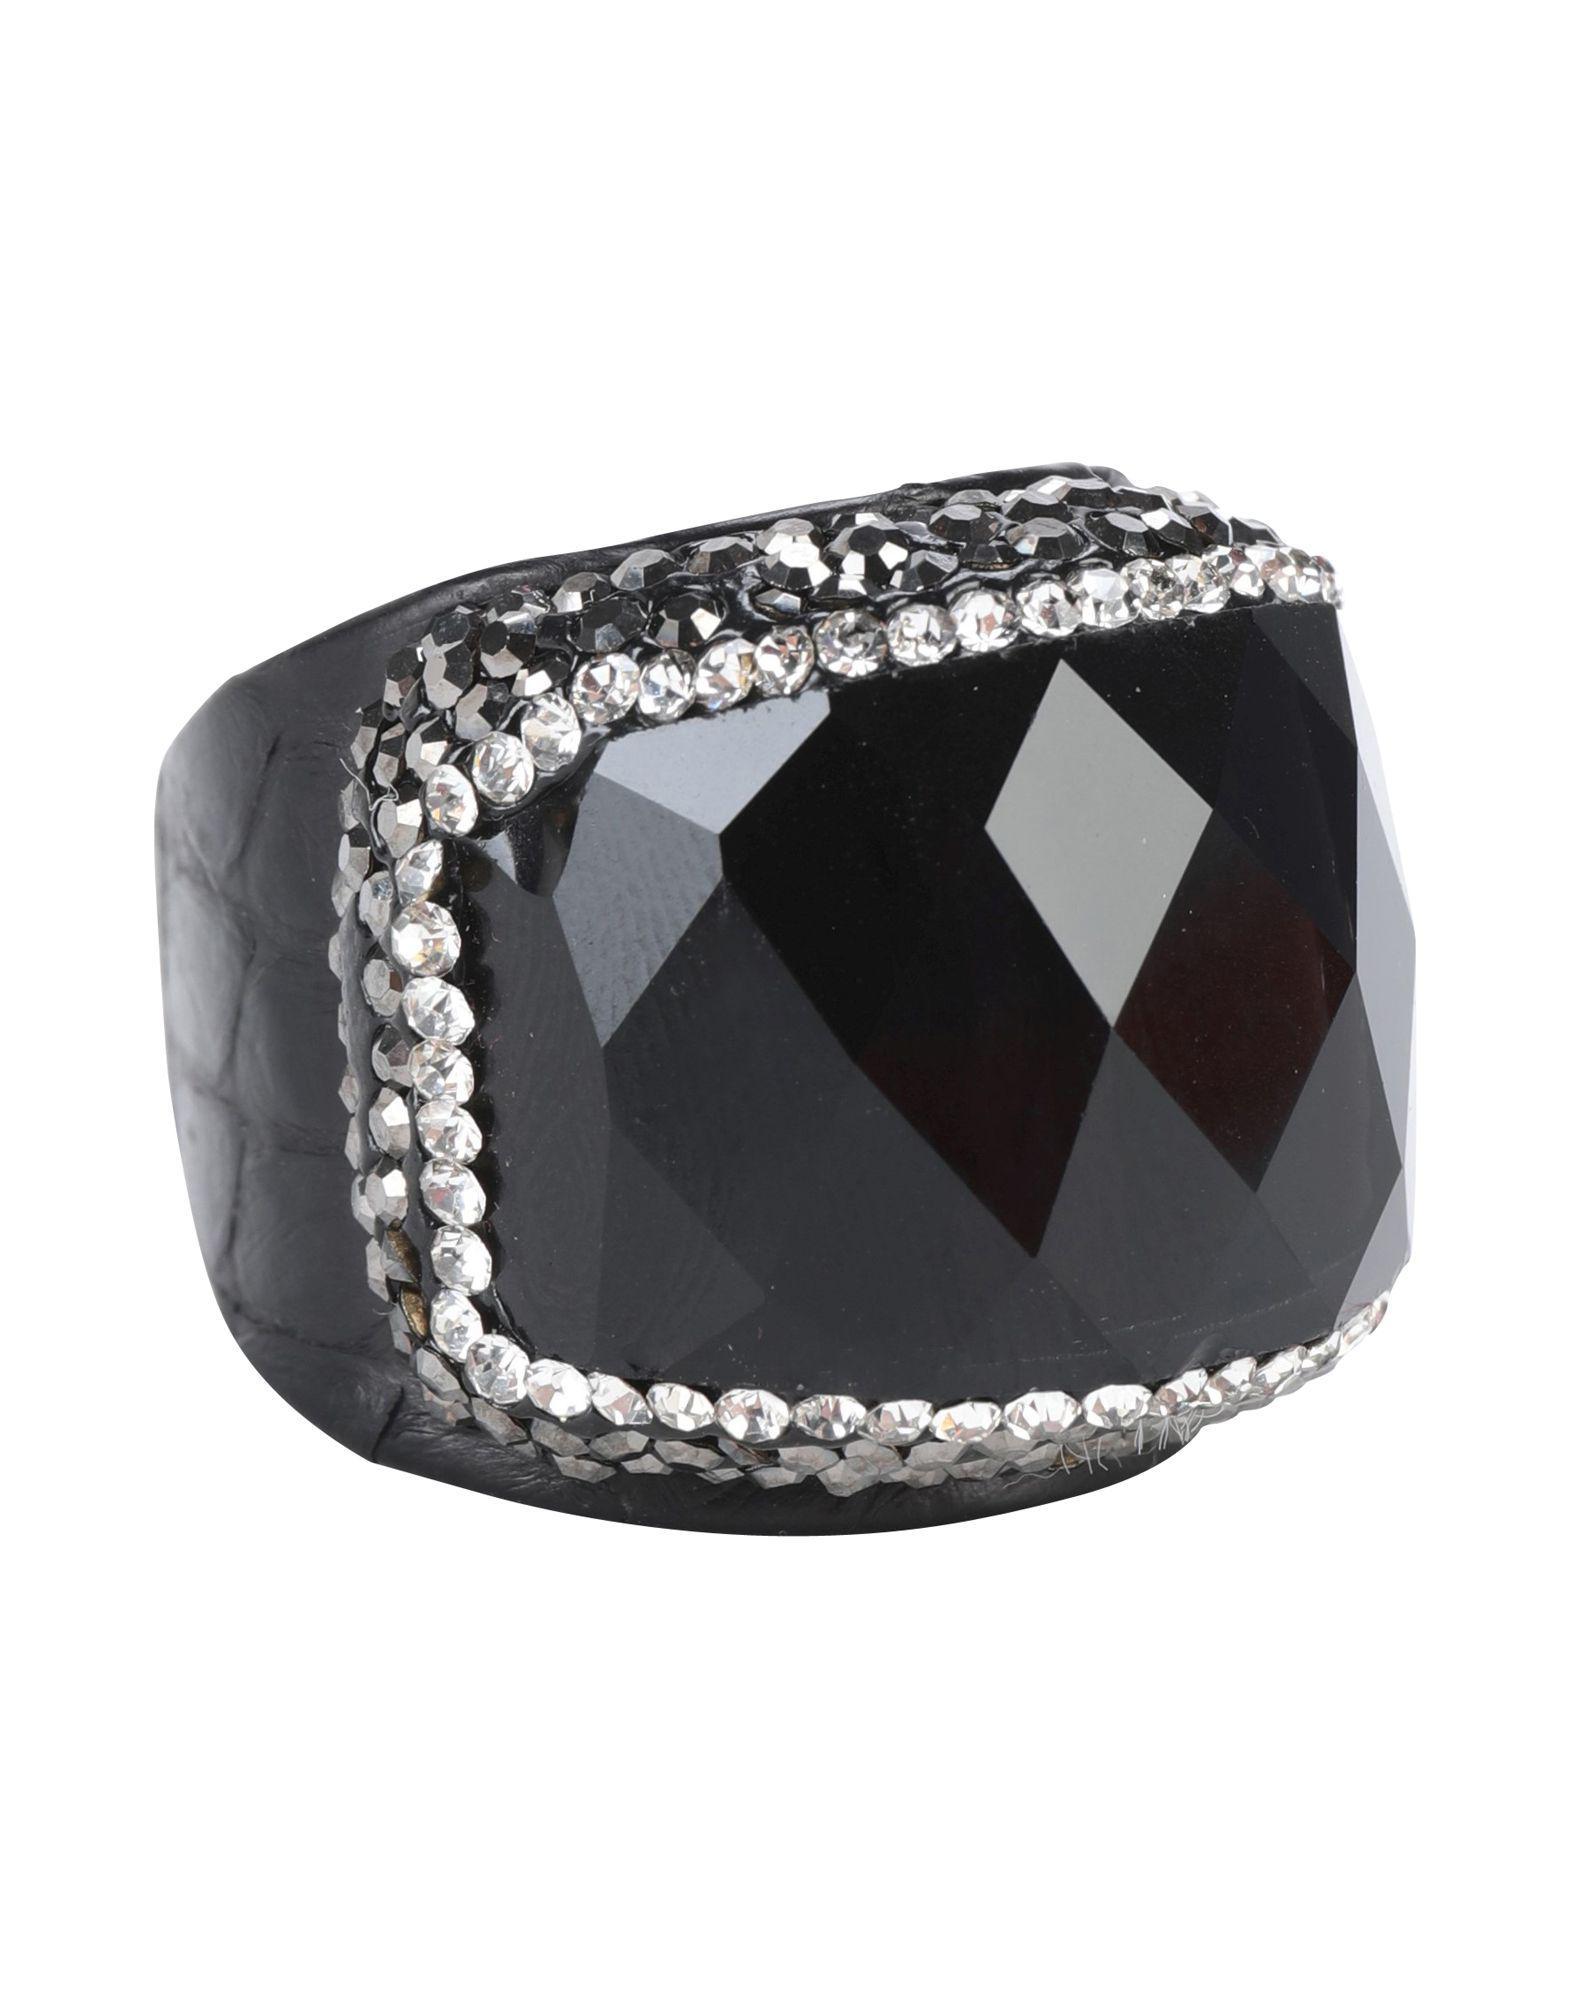 Jolie By Edward Spiers Ring in Black